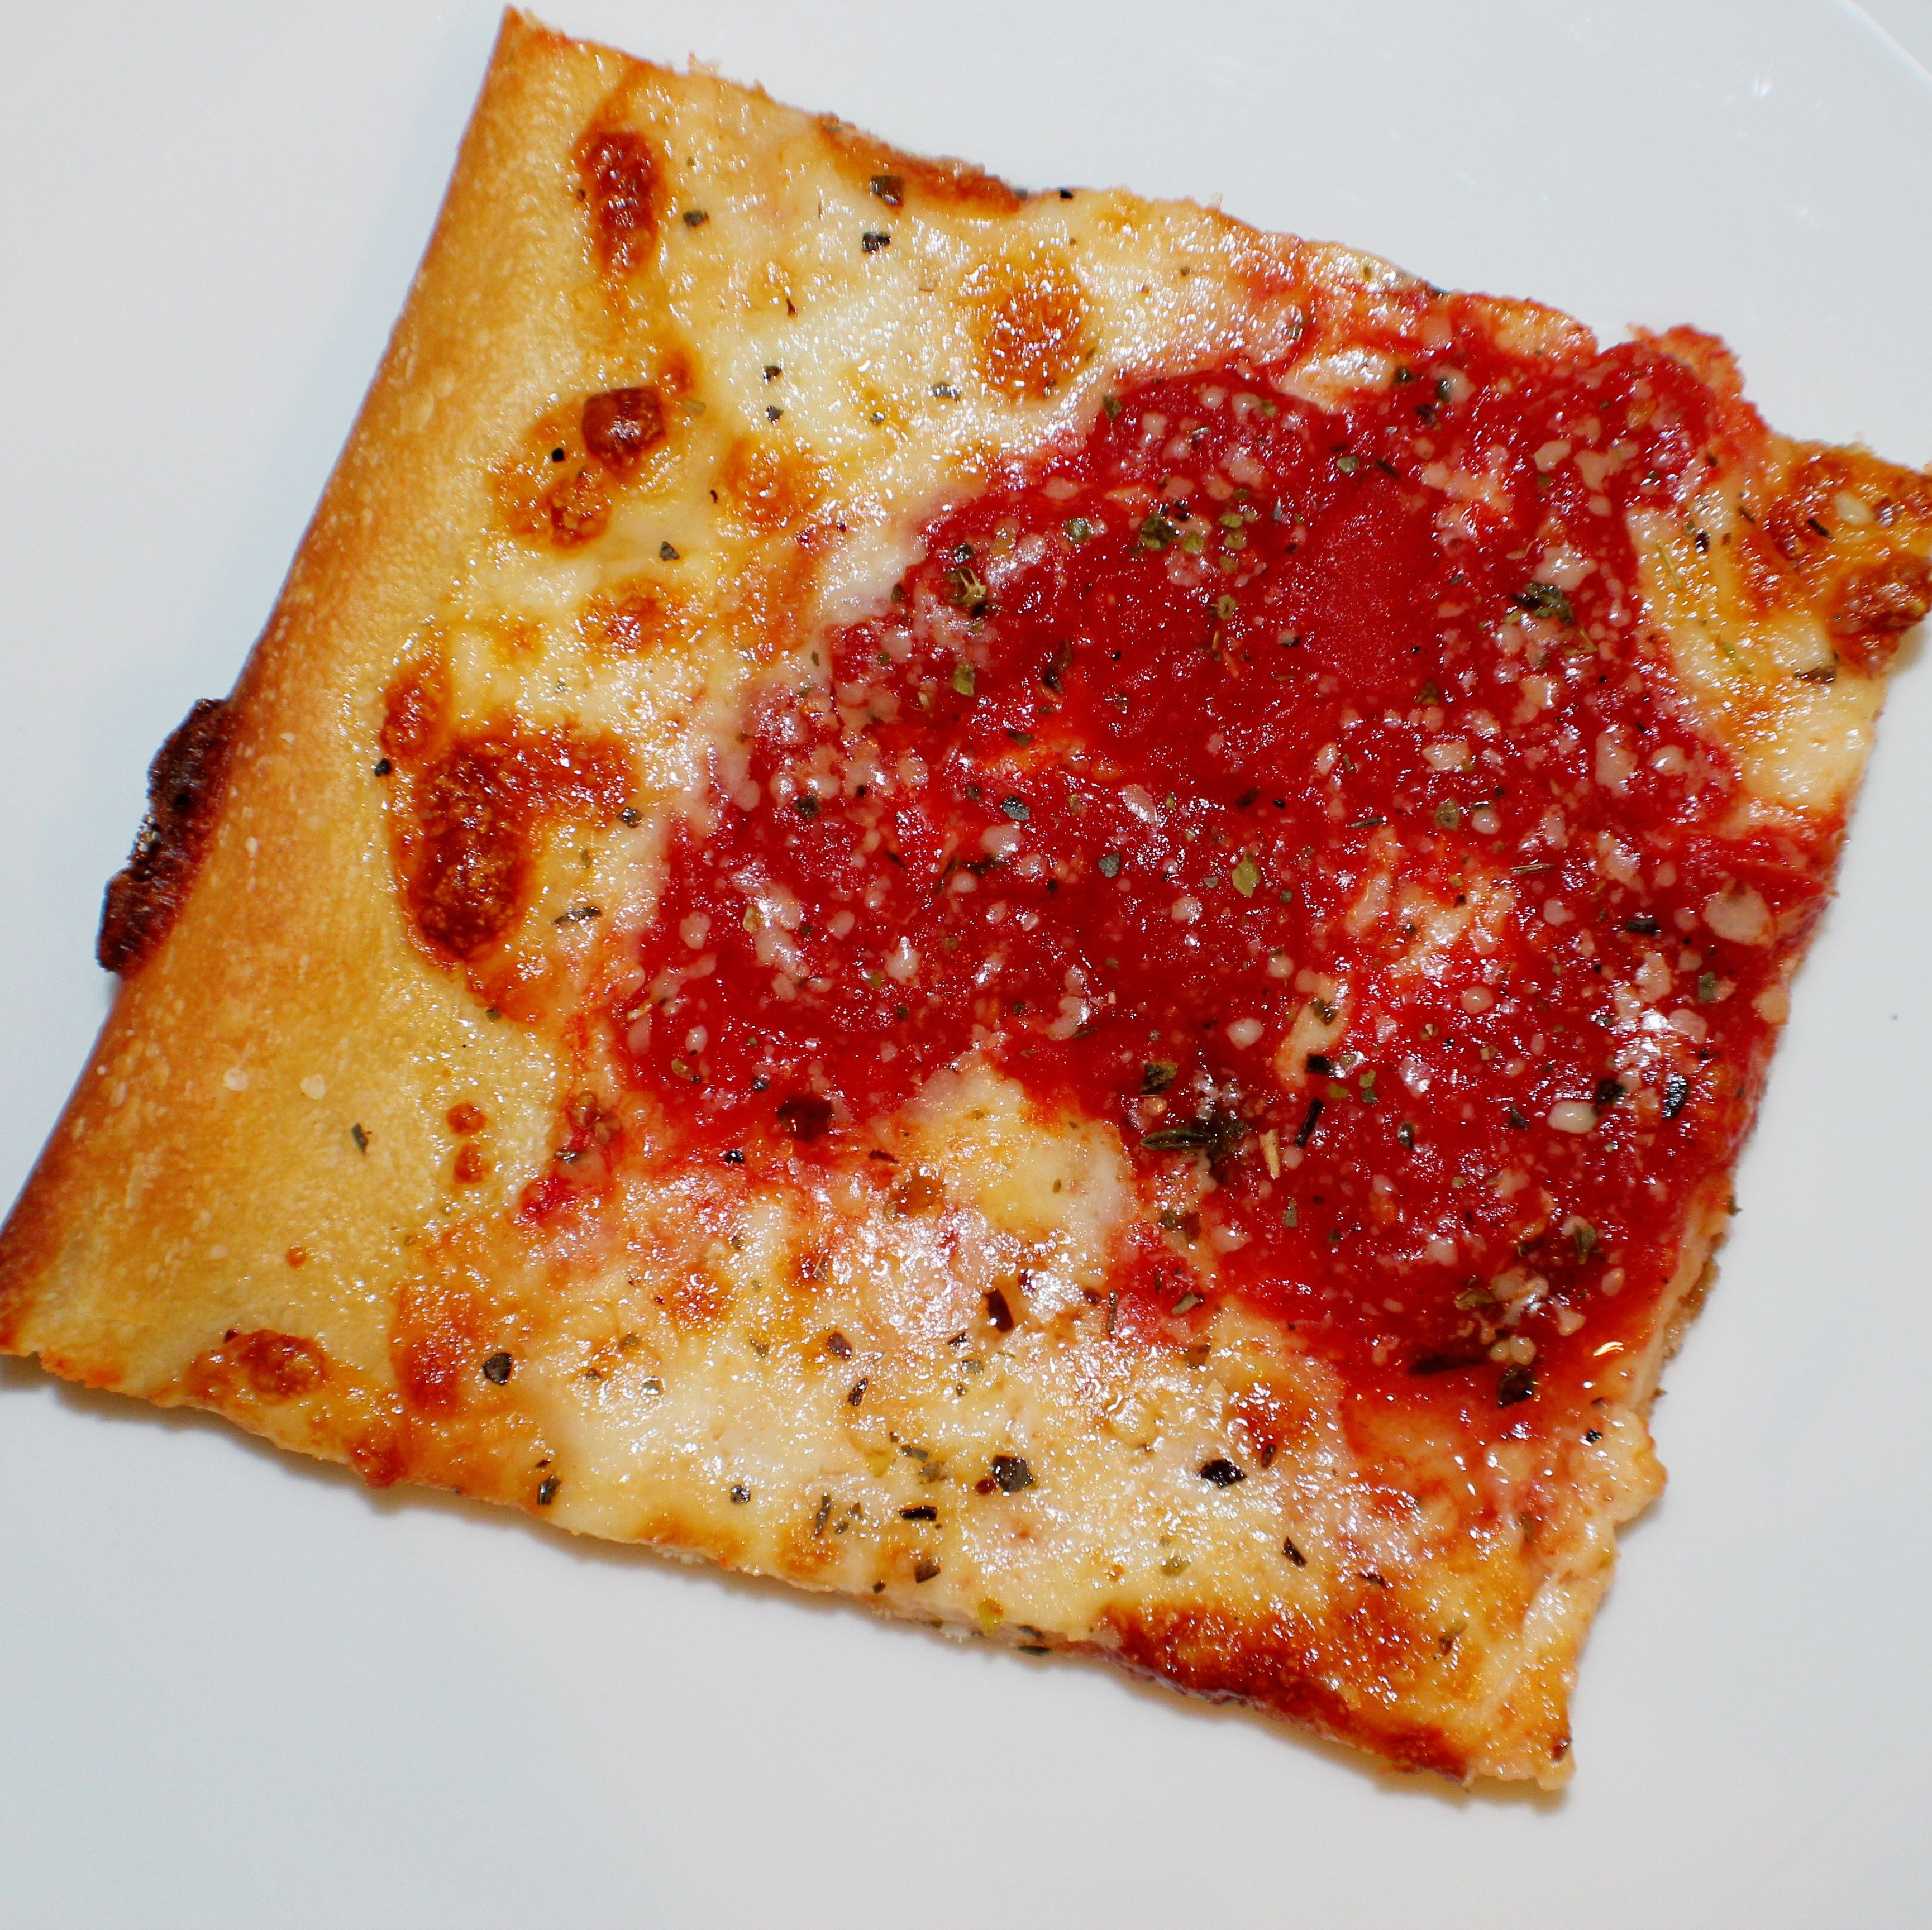 Michelangelo pizzeria   italian restaurant  1  exk6oq